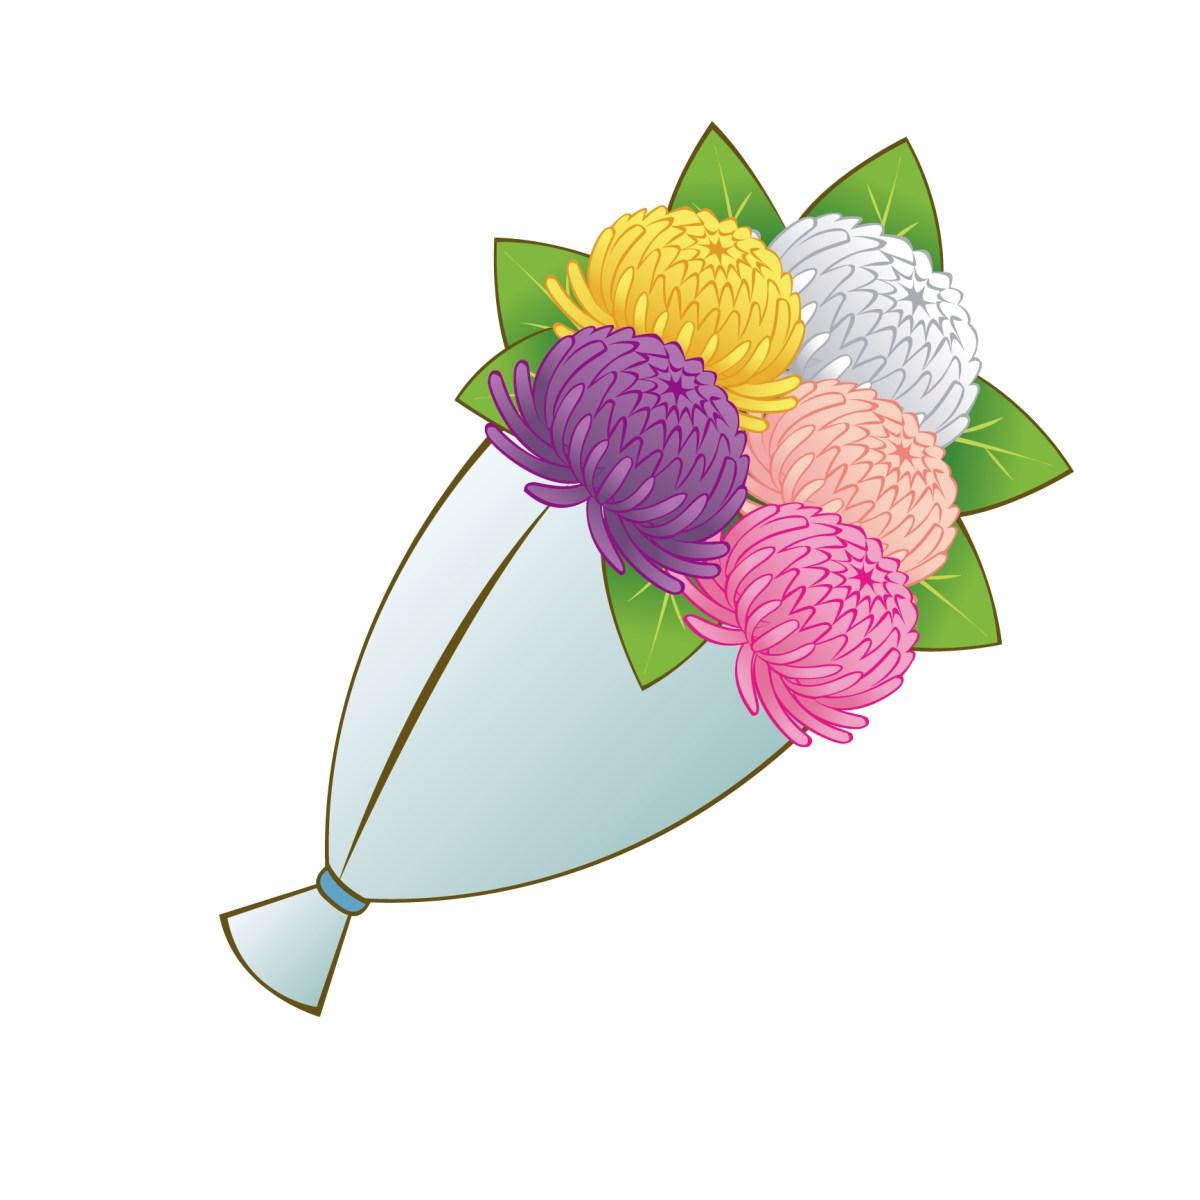 お彼岸の墓参りに花を供える理由と花選びのマナーお供え向きの花とは?